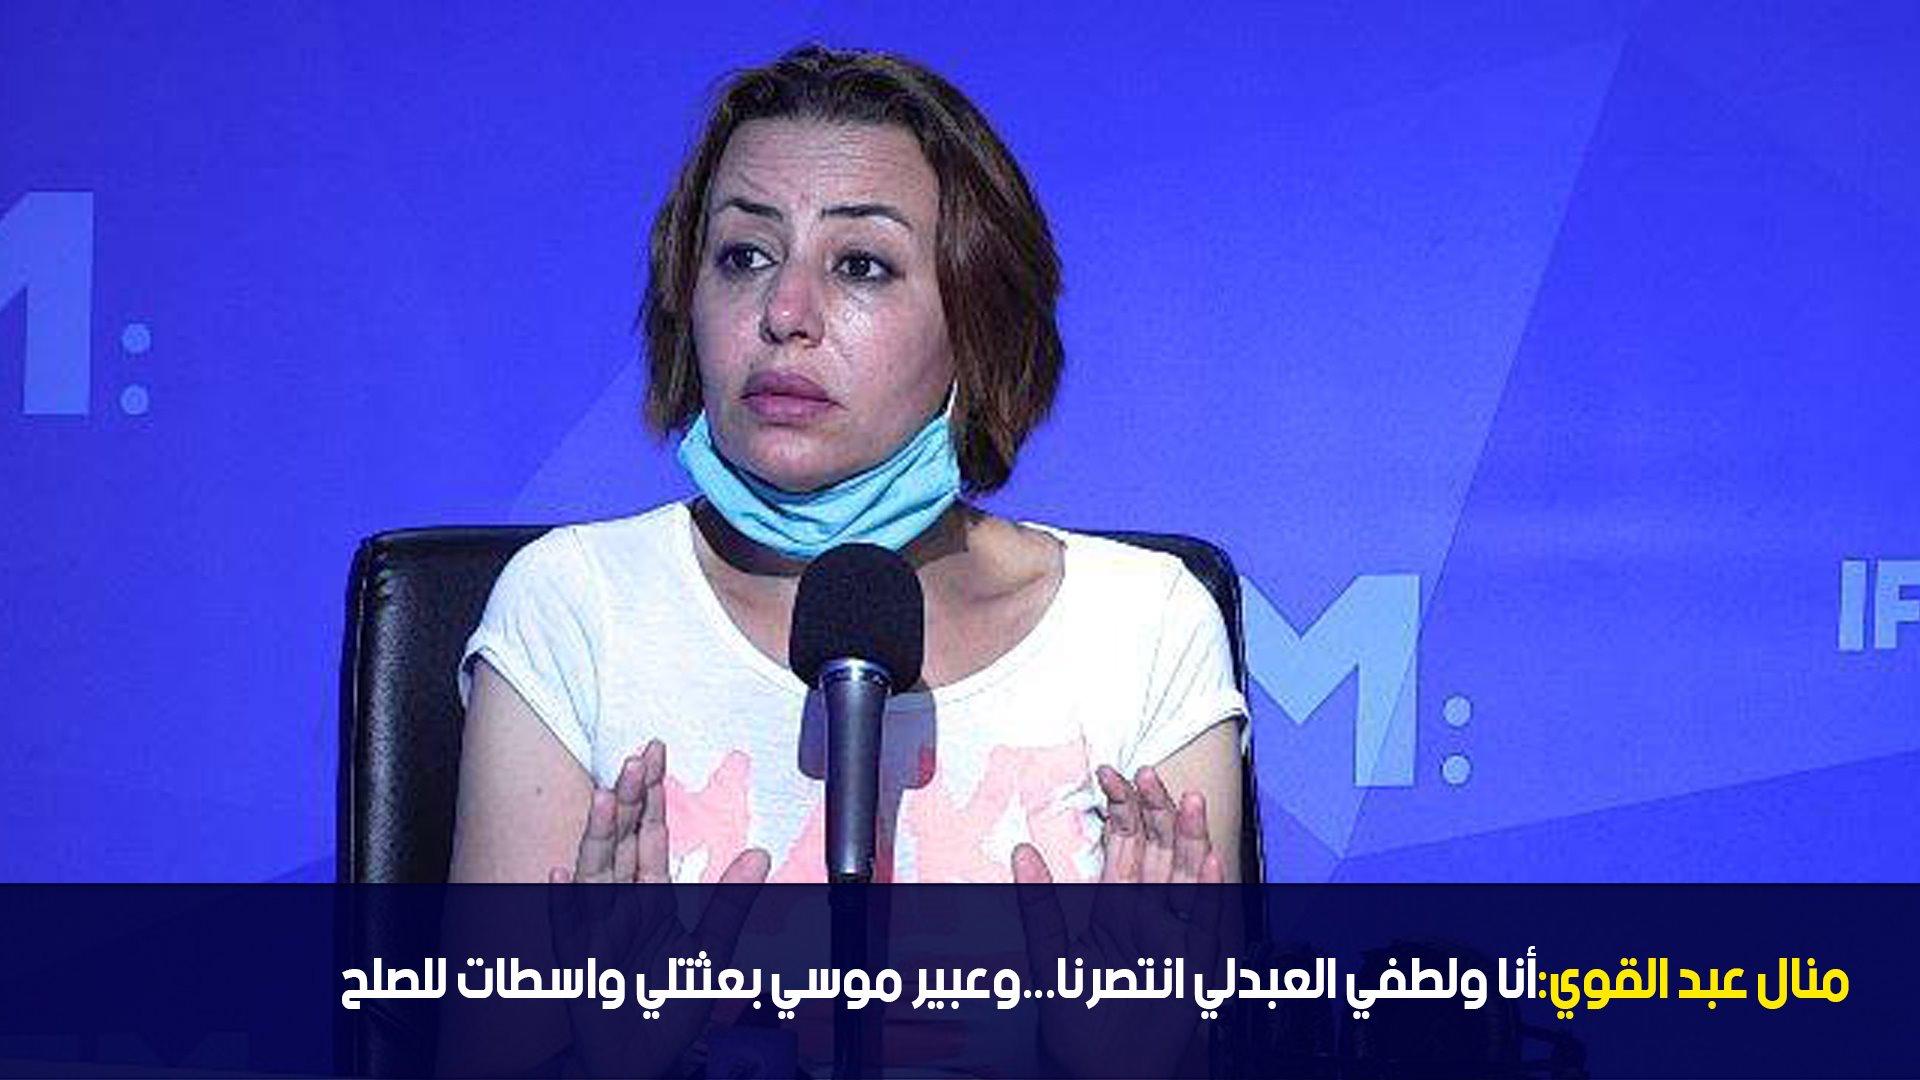 منال عبد القوي : أنا ولطفي العبدلي انتصرنا...وعبير موسي بعثتلي واسطات للصلح